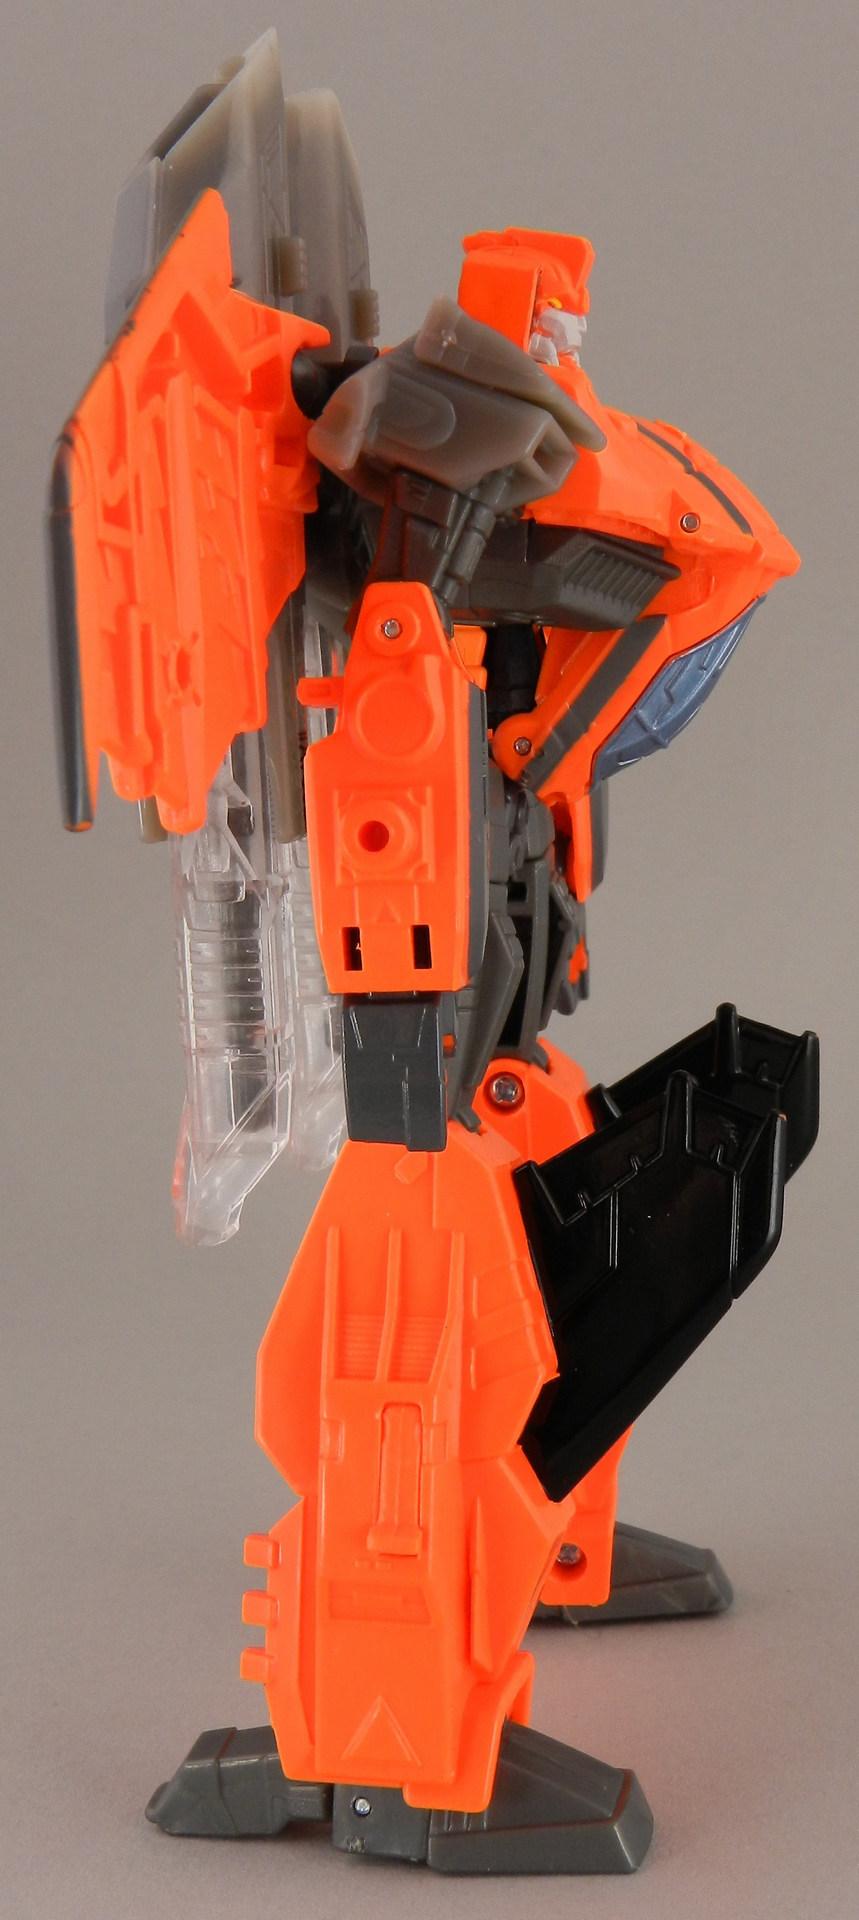 jhiaxus-robot-07-jpg